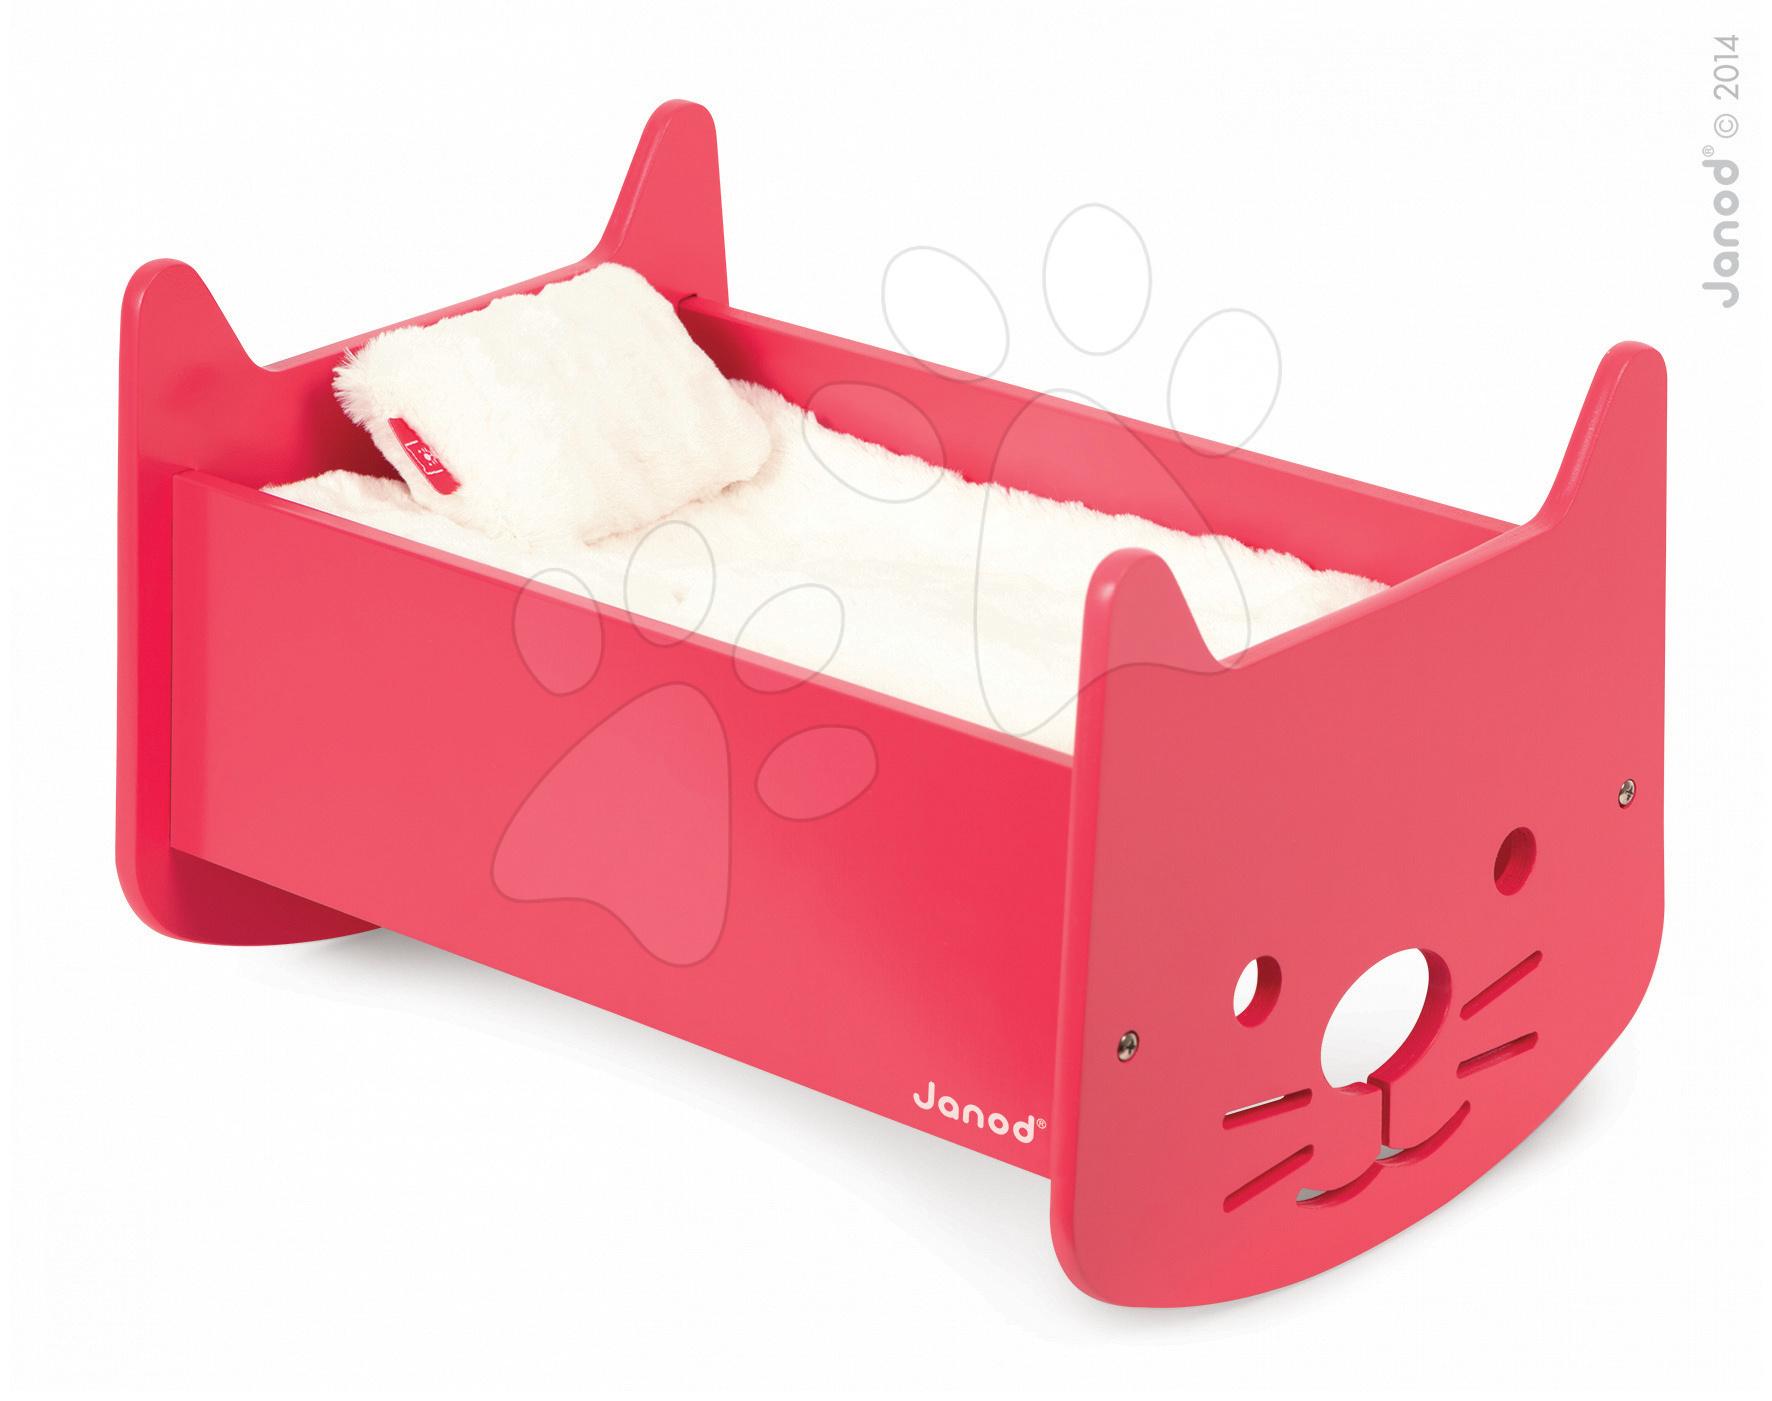 Dřevěná kolébka pro panenku Babycat Janod s peřinkou